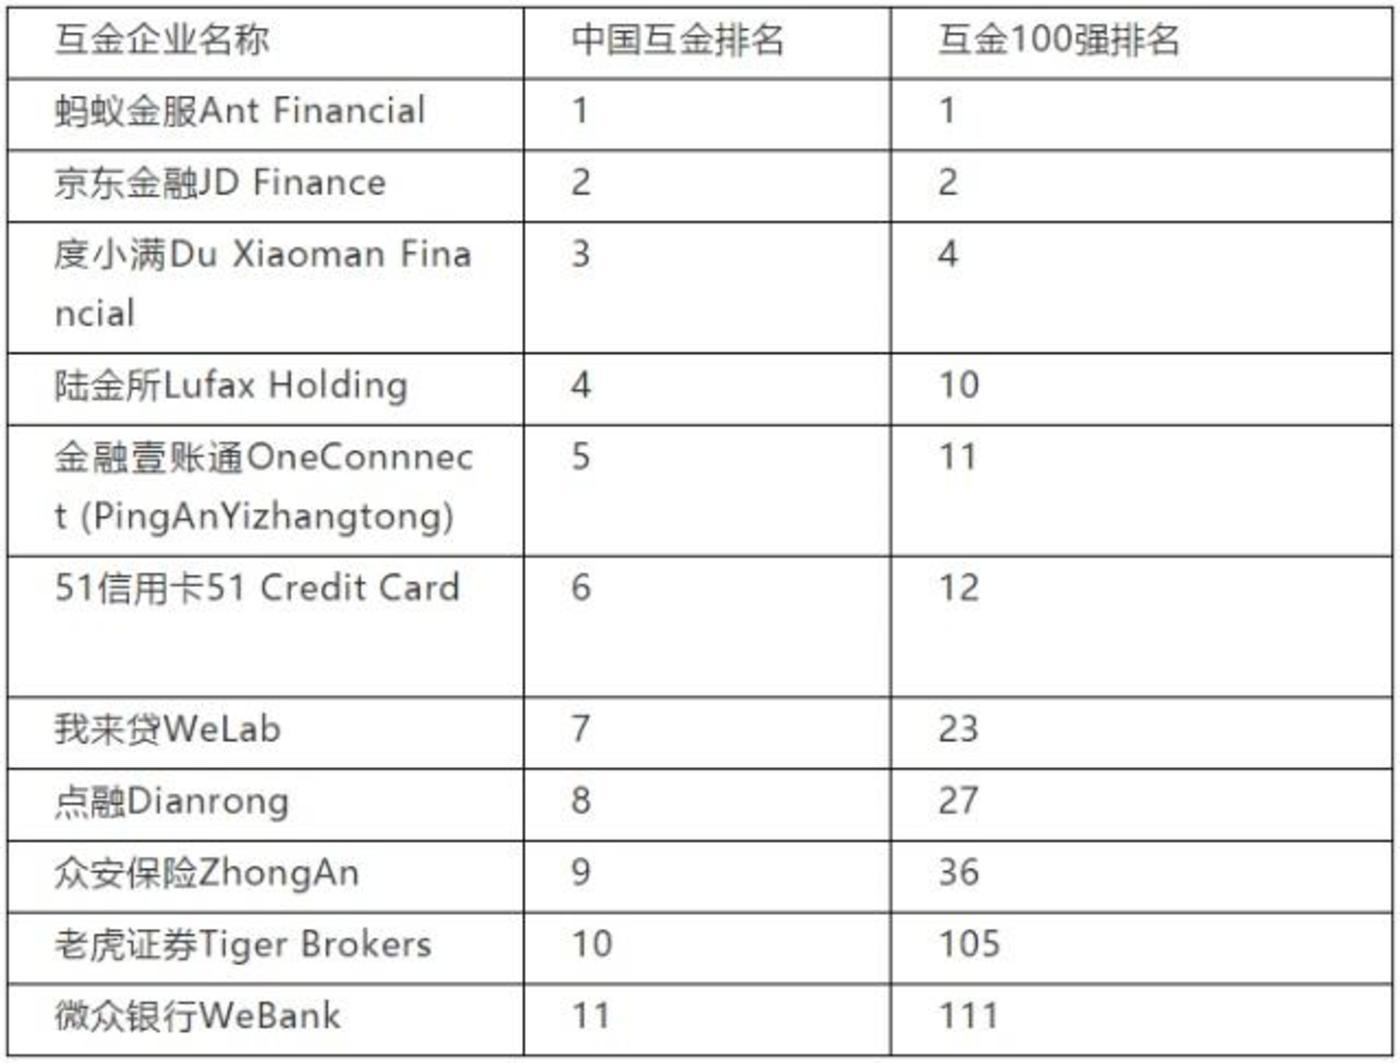 中国中国互金企业的排位座次,于是梳理了中国内地上榜的11家互金公司排序,以飨